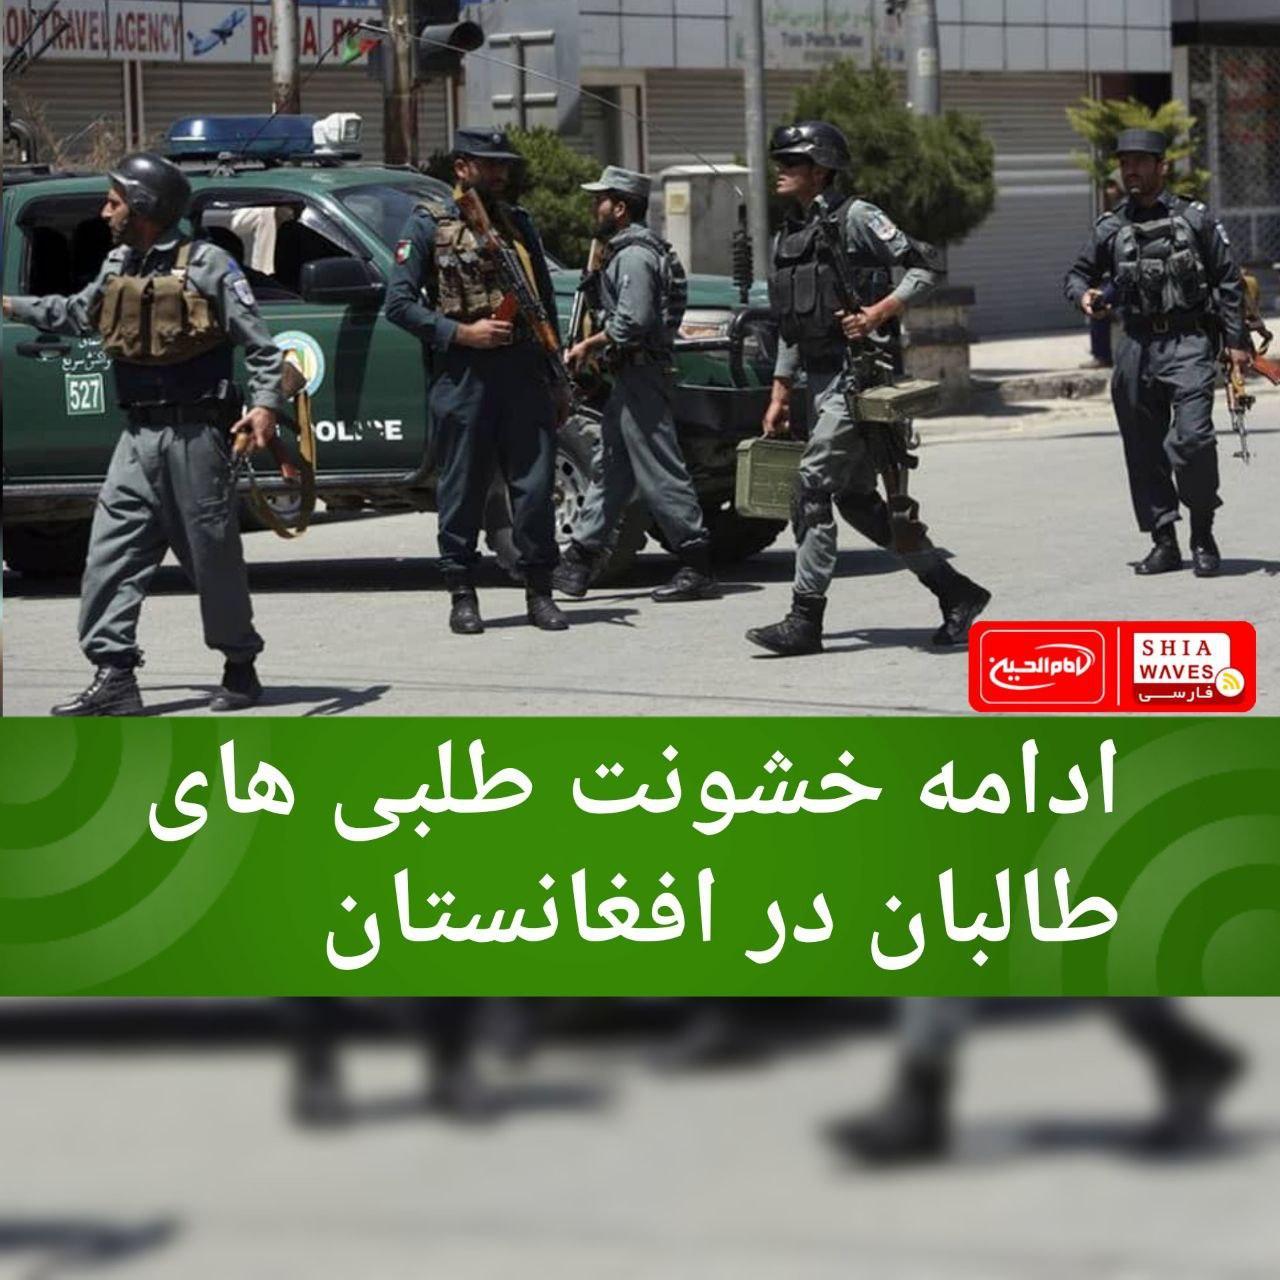 تصویر ادامه خشونت طلبی های طالبان در افغانستان